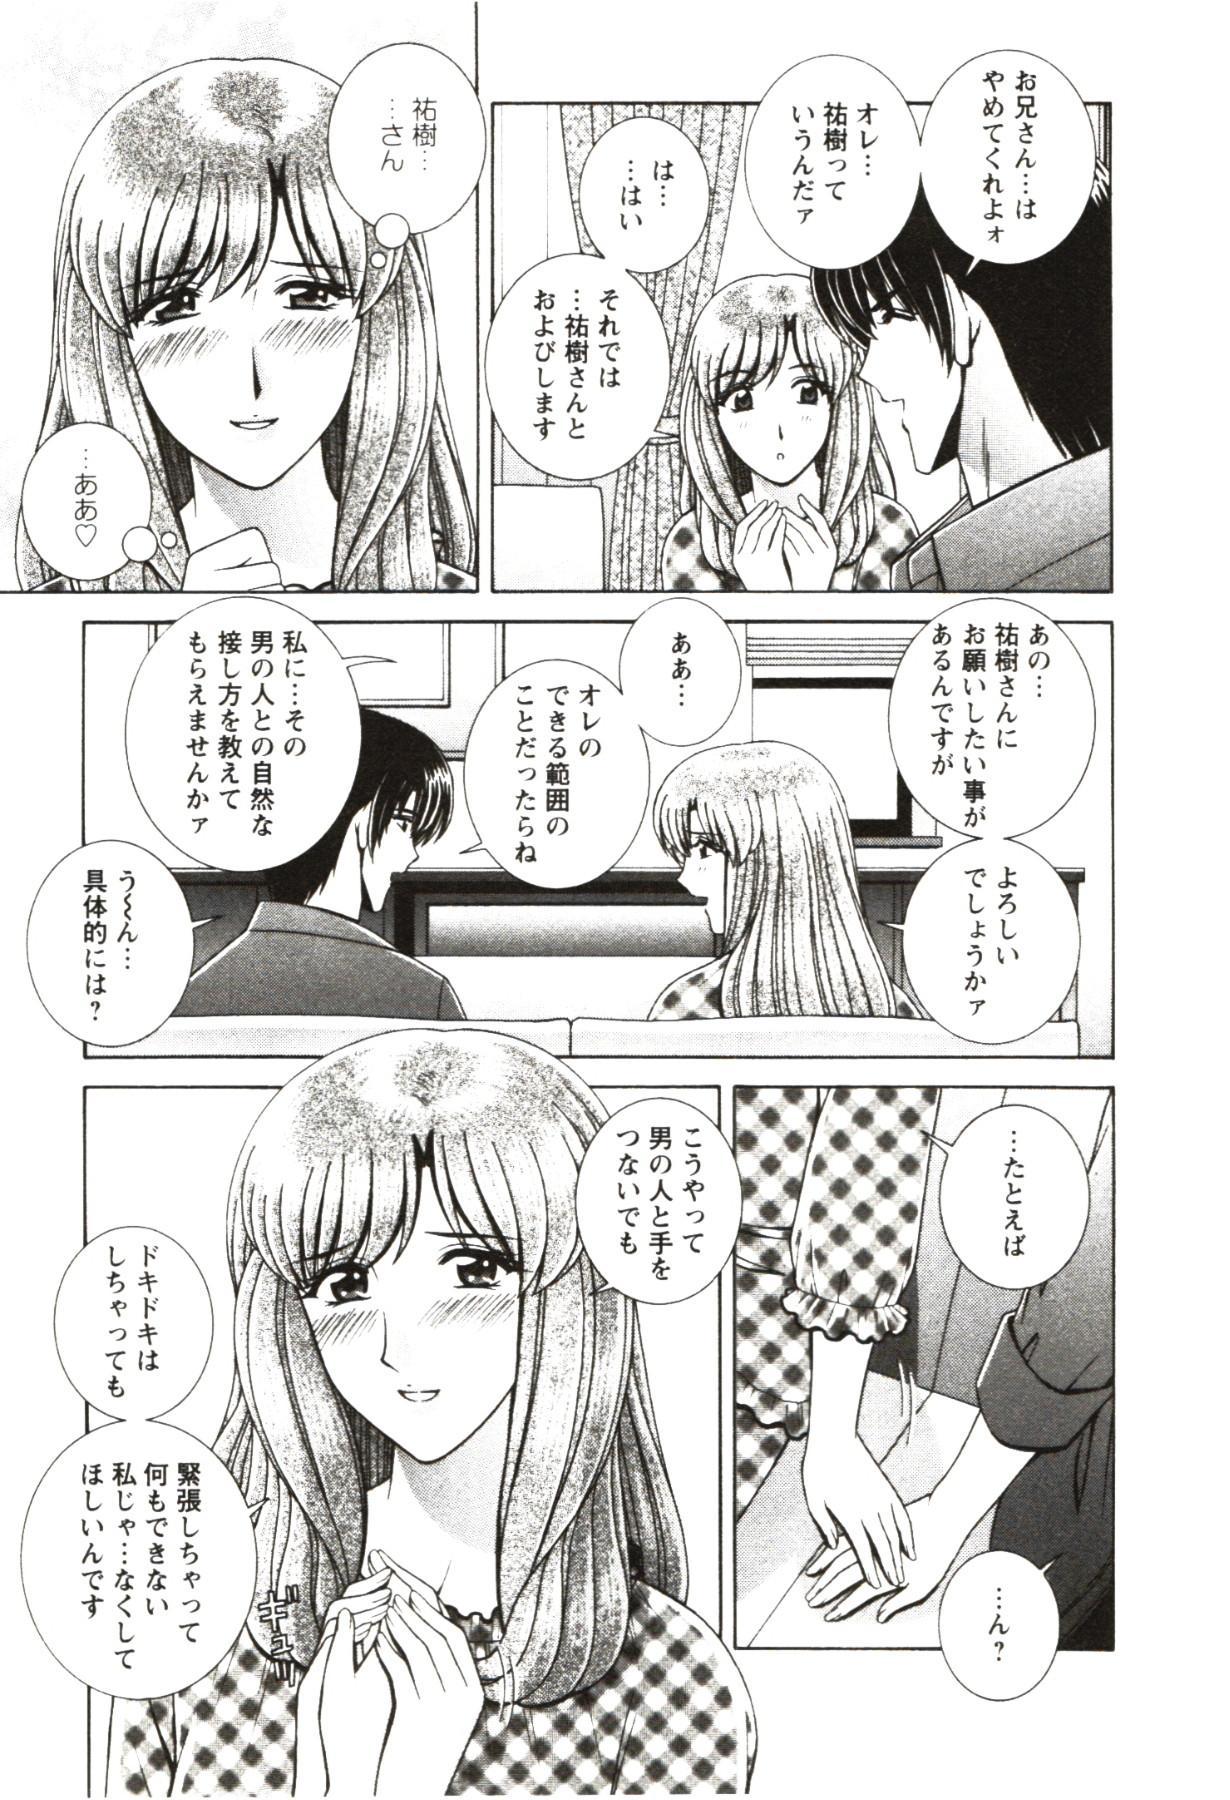 Futarigurashi 64